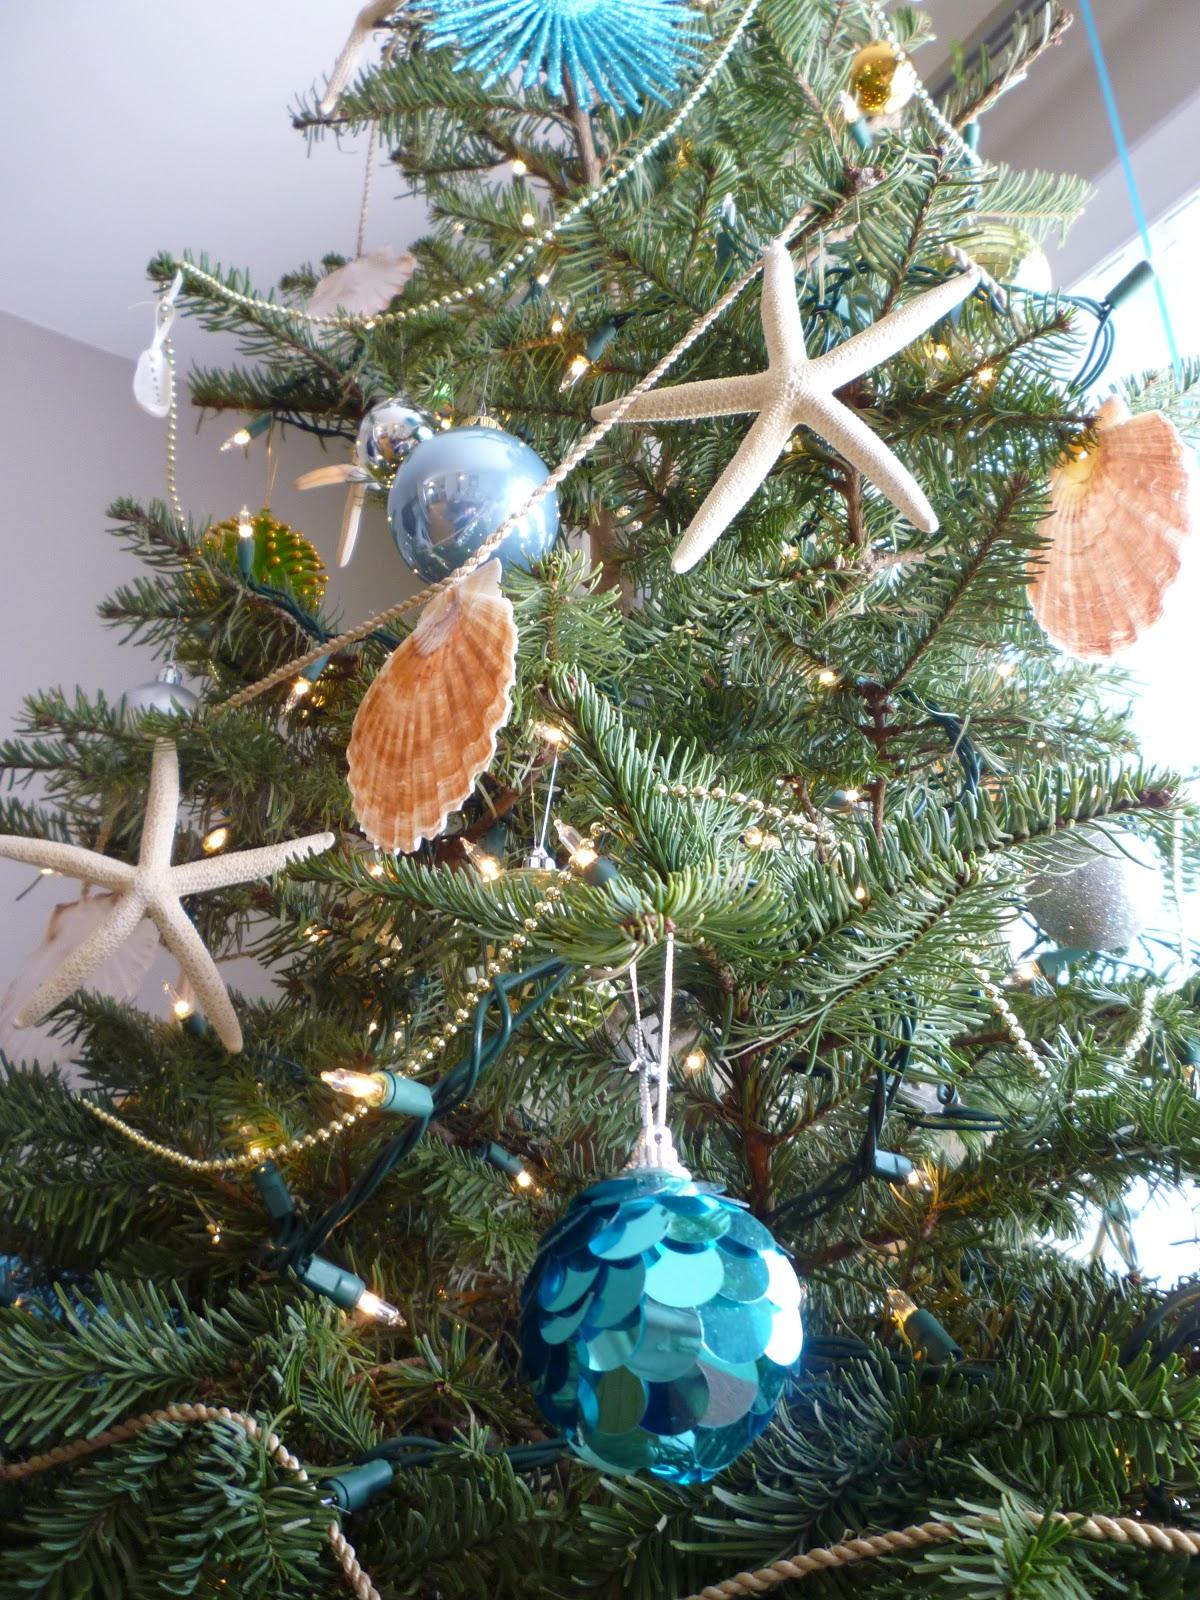 Christmas beach ornaments - Beach Christmas Ornaments Decor Decoration 1200x1600